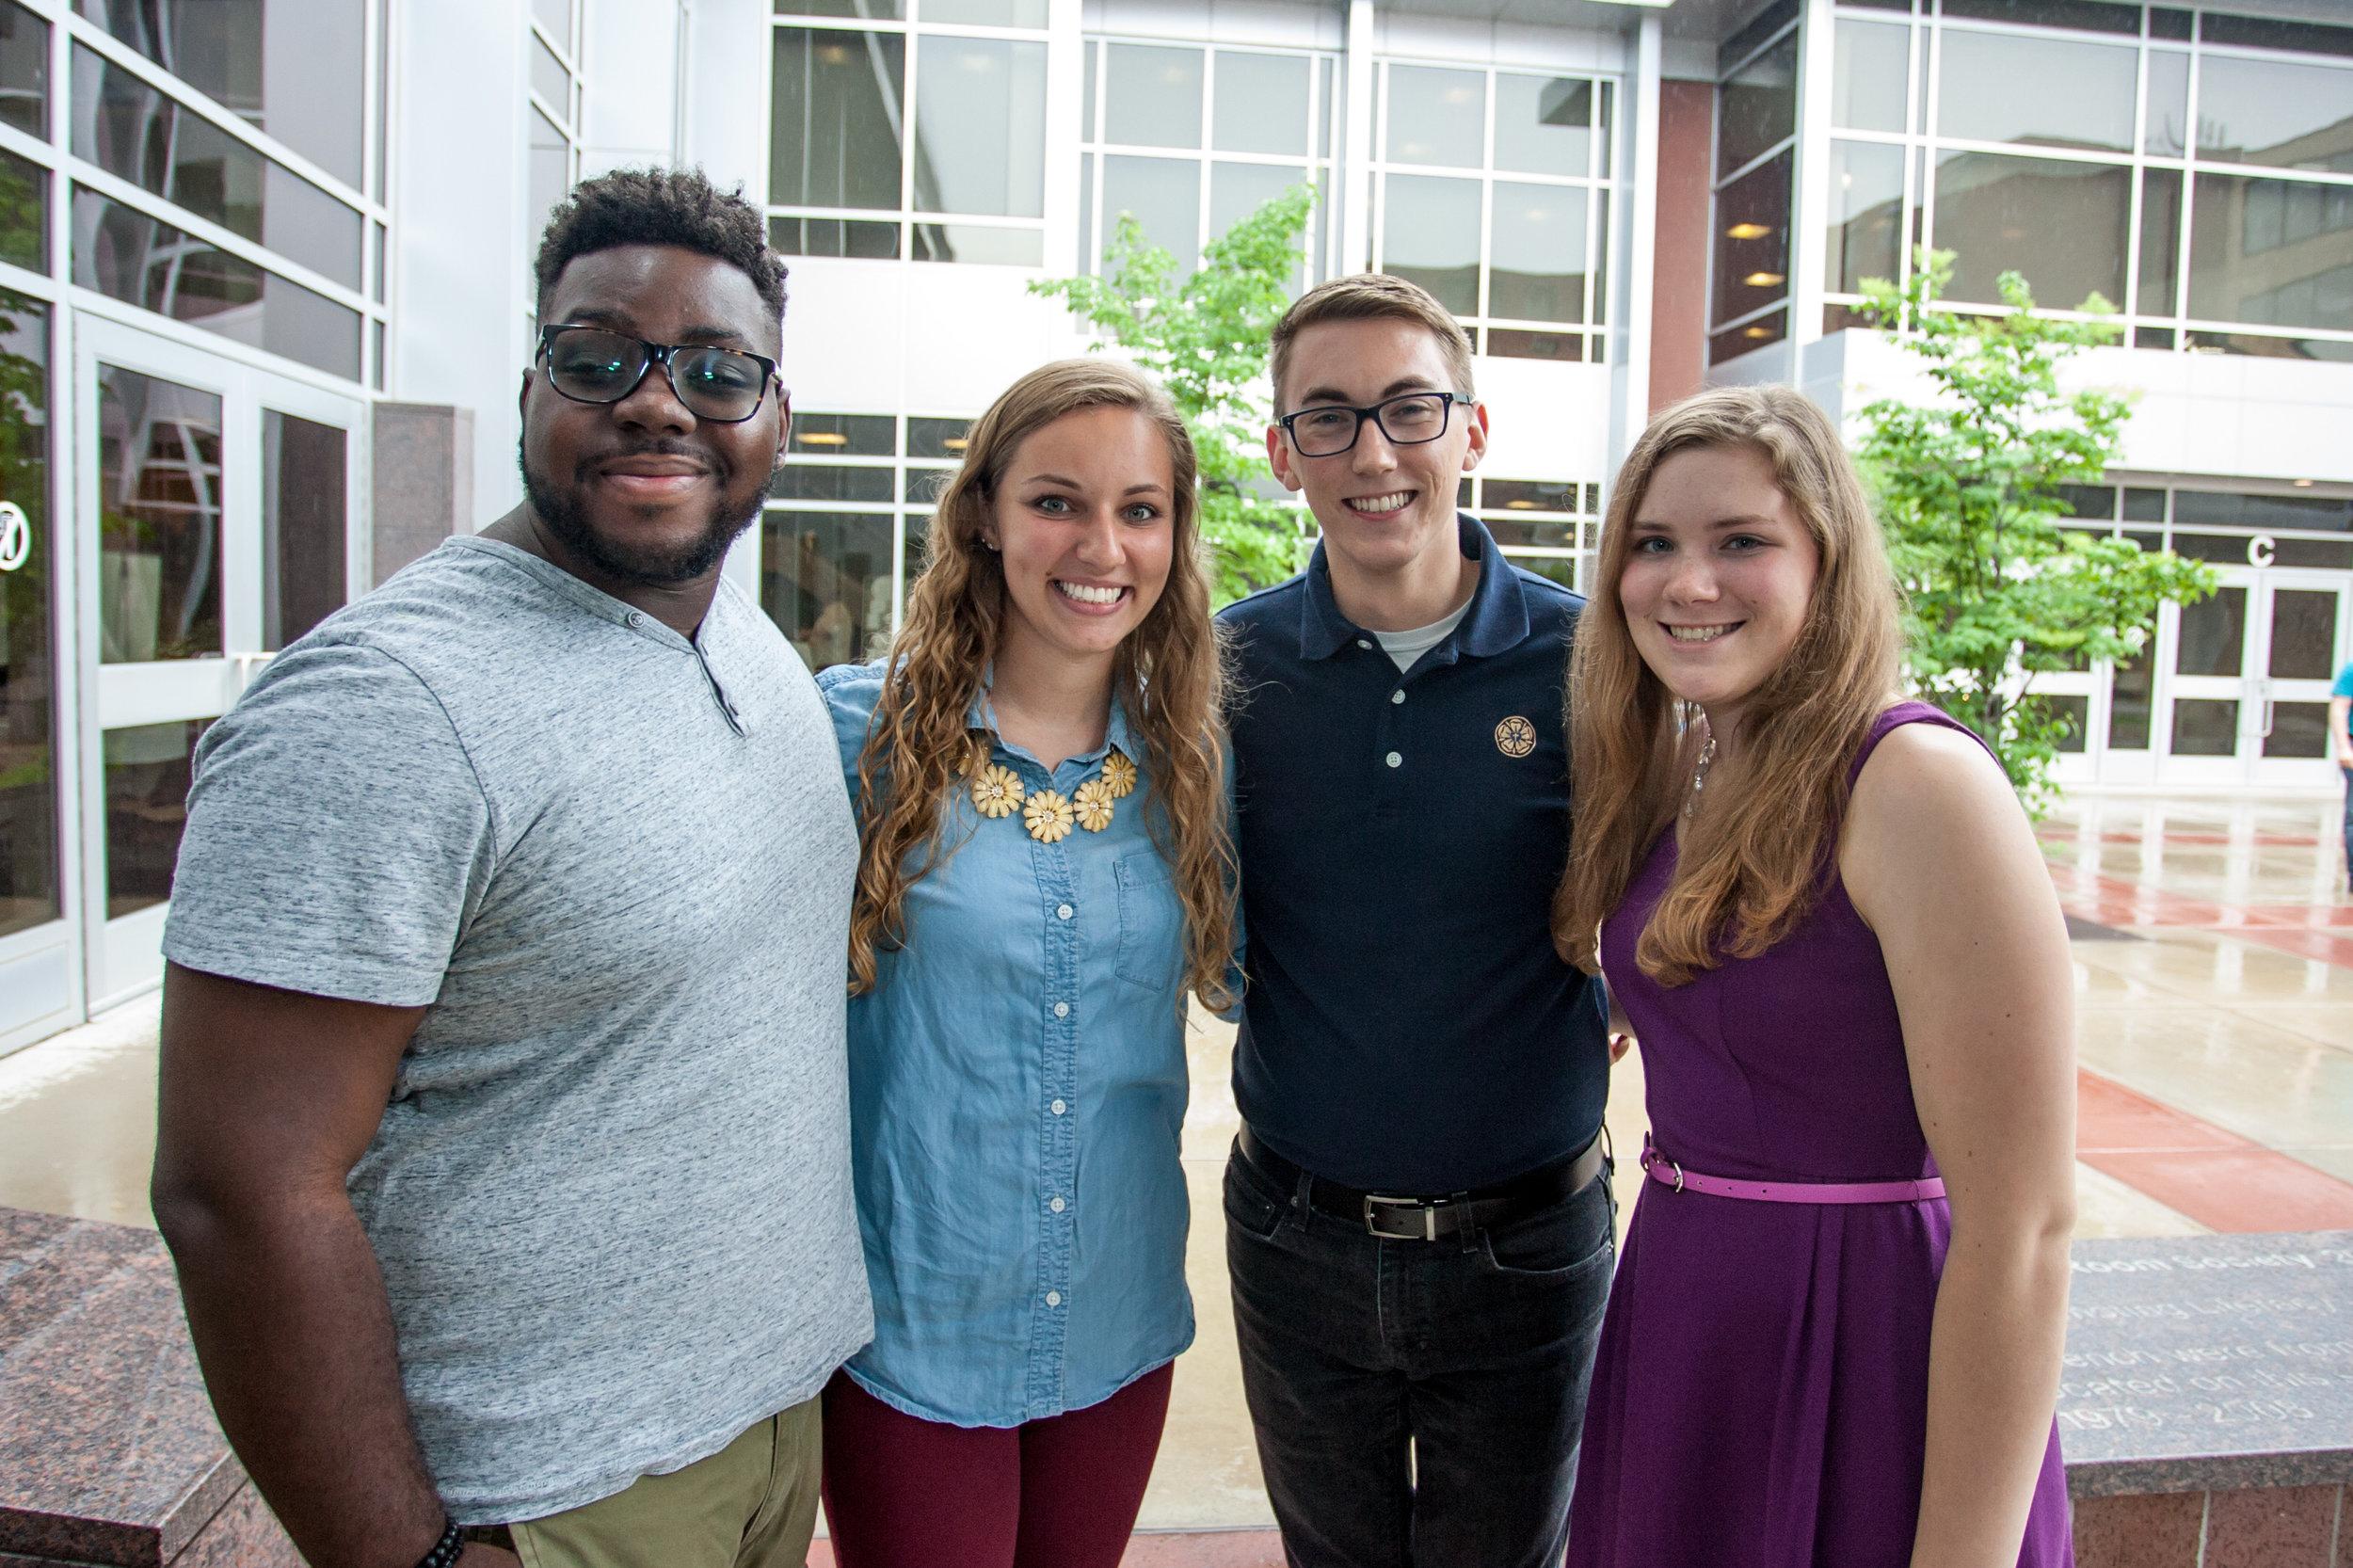 The 2018 ELI interns; Allison Schwarz is far right. Photo by David Haines